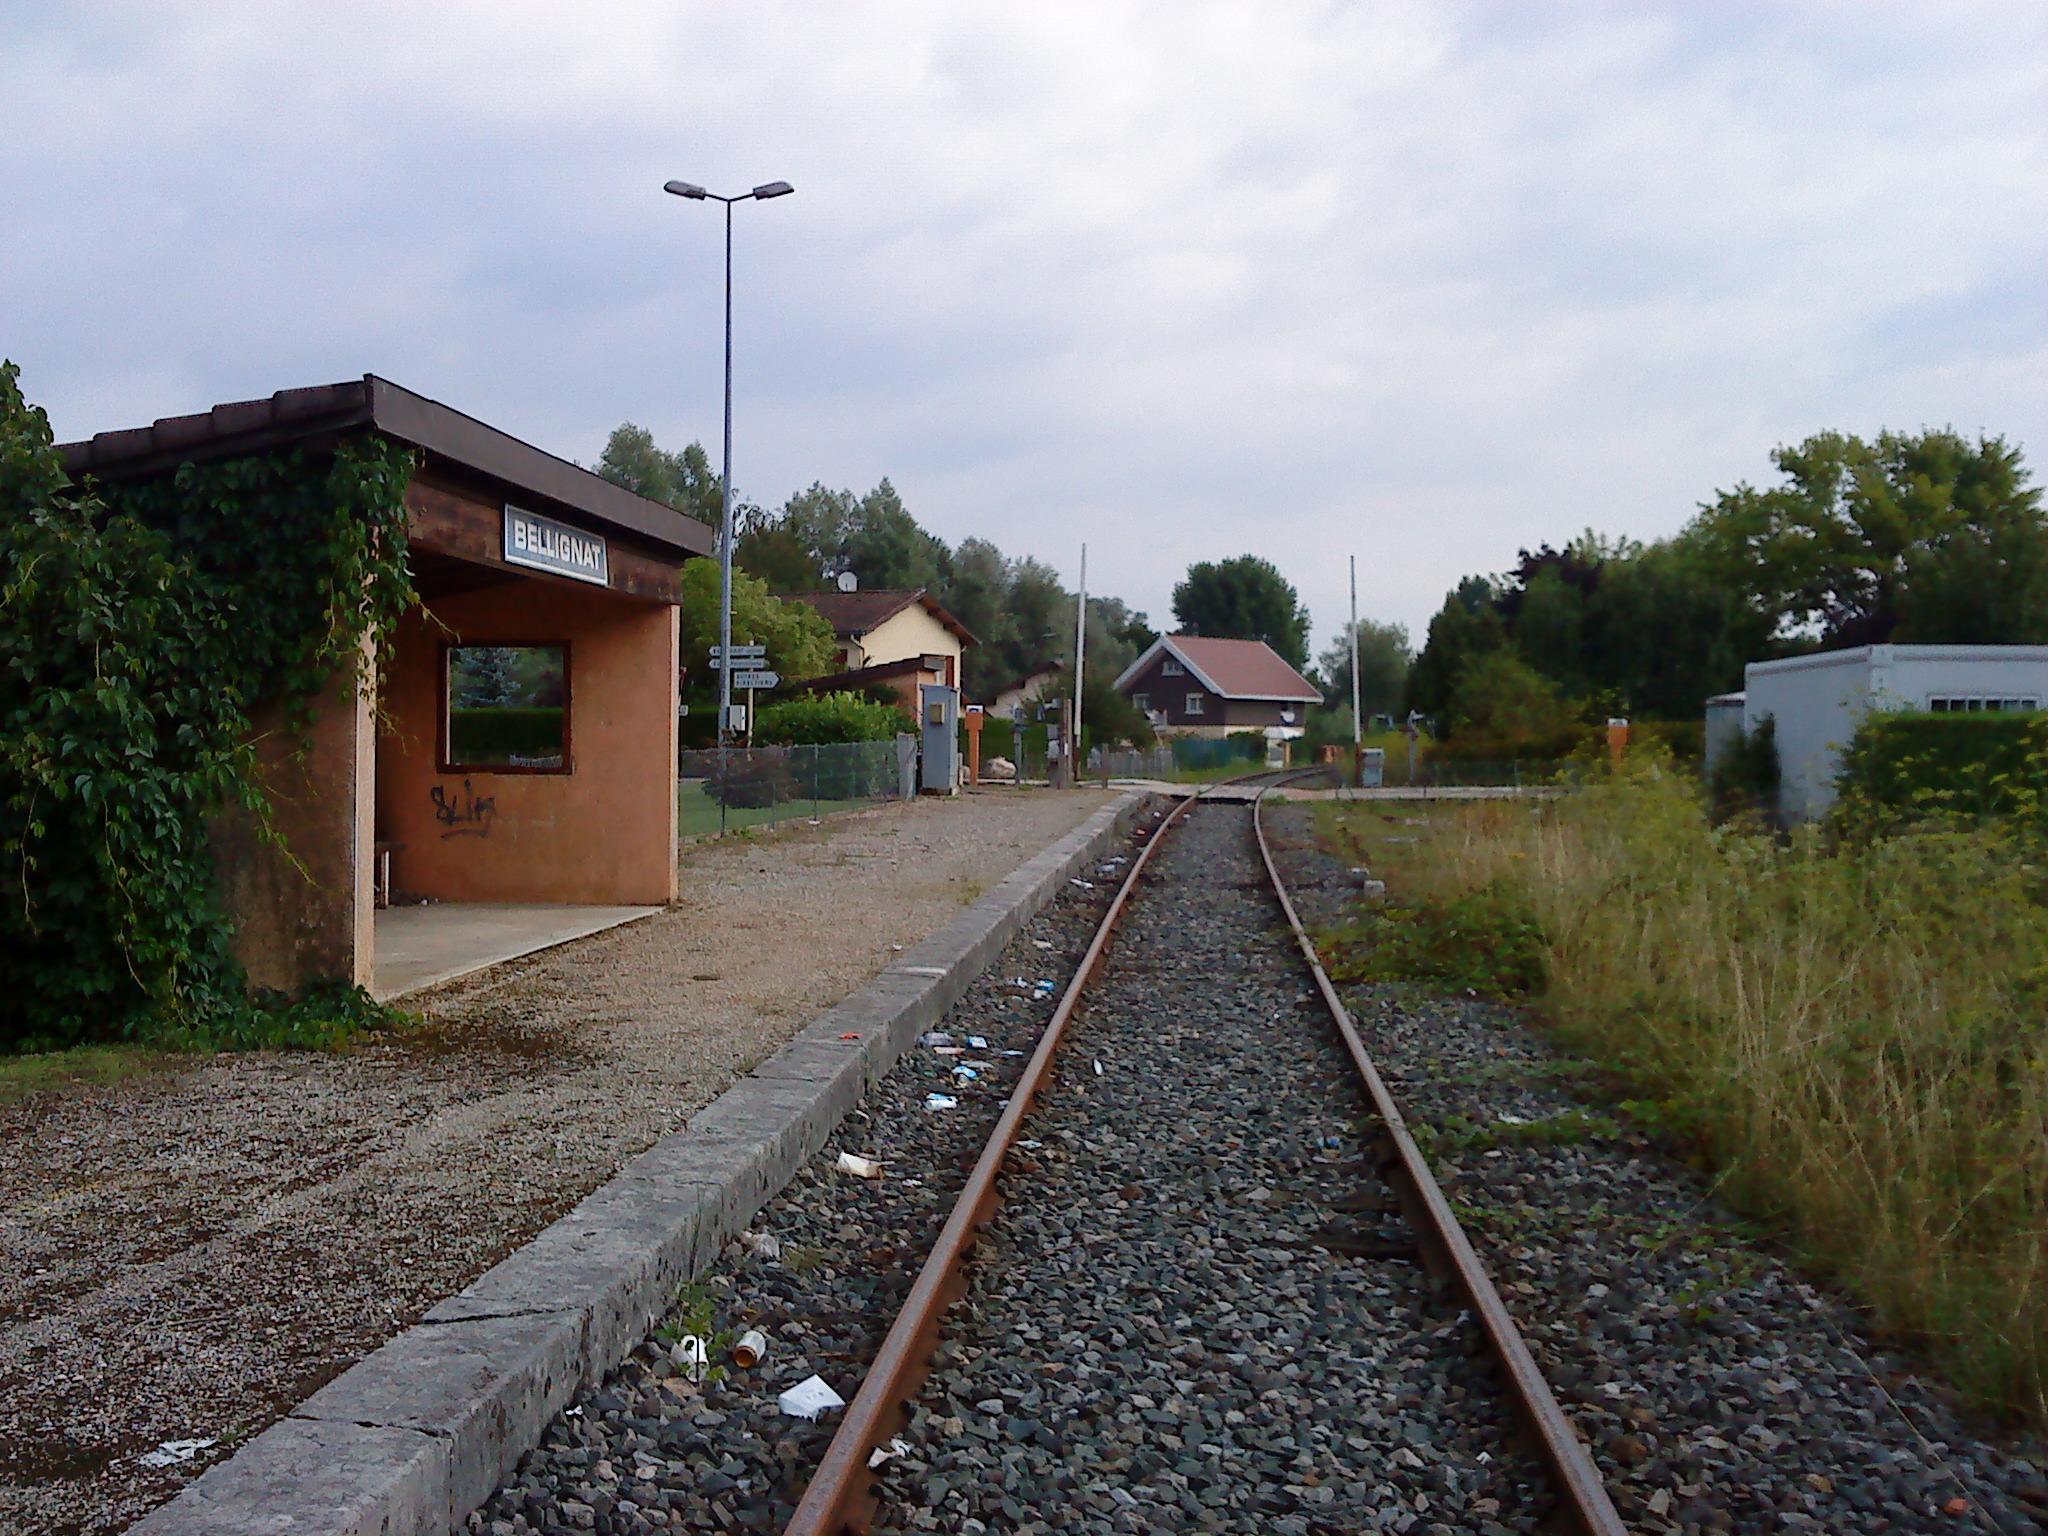 Gare de Bellignat